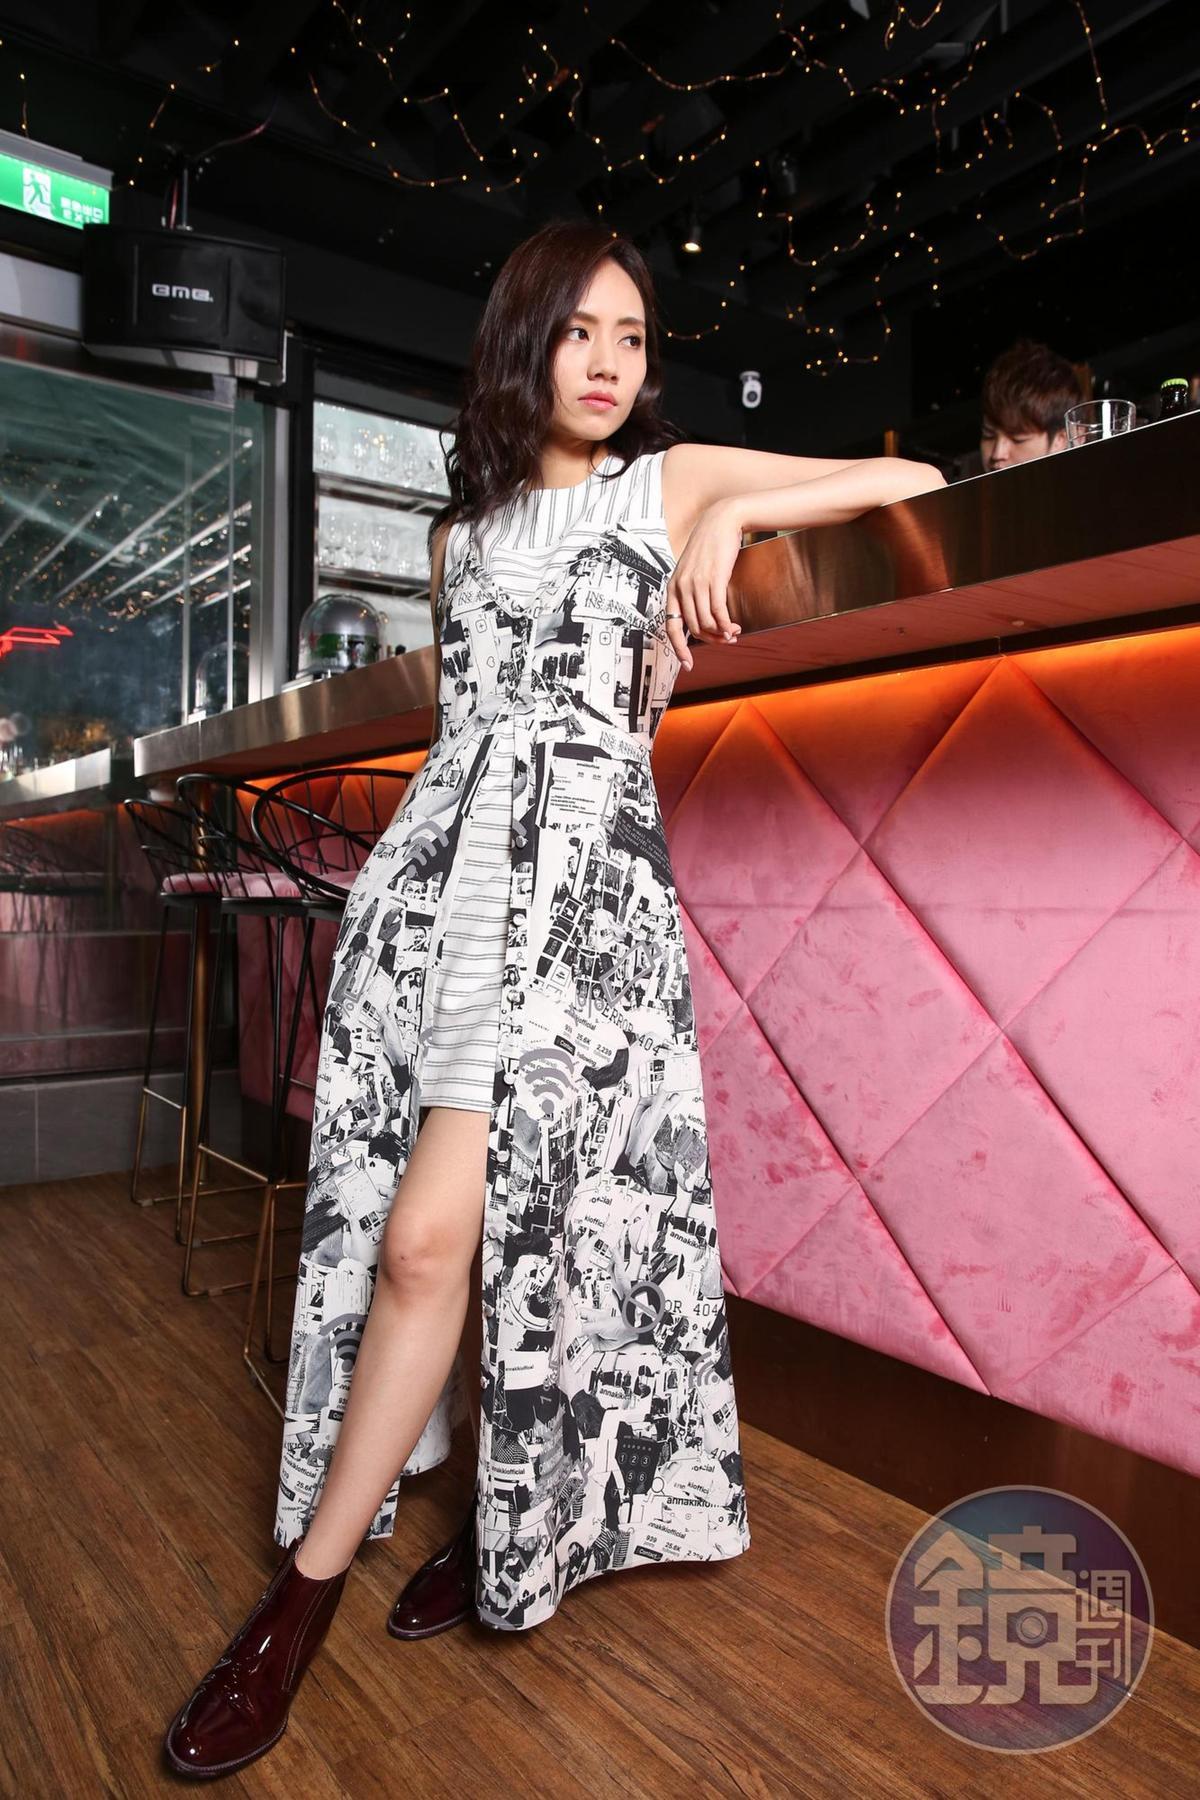 大陸歌手劉惜君來台宣傳新專輯《如我》。